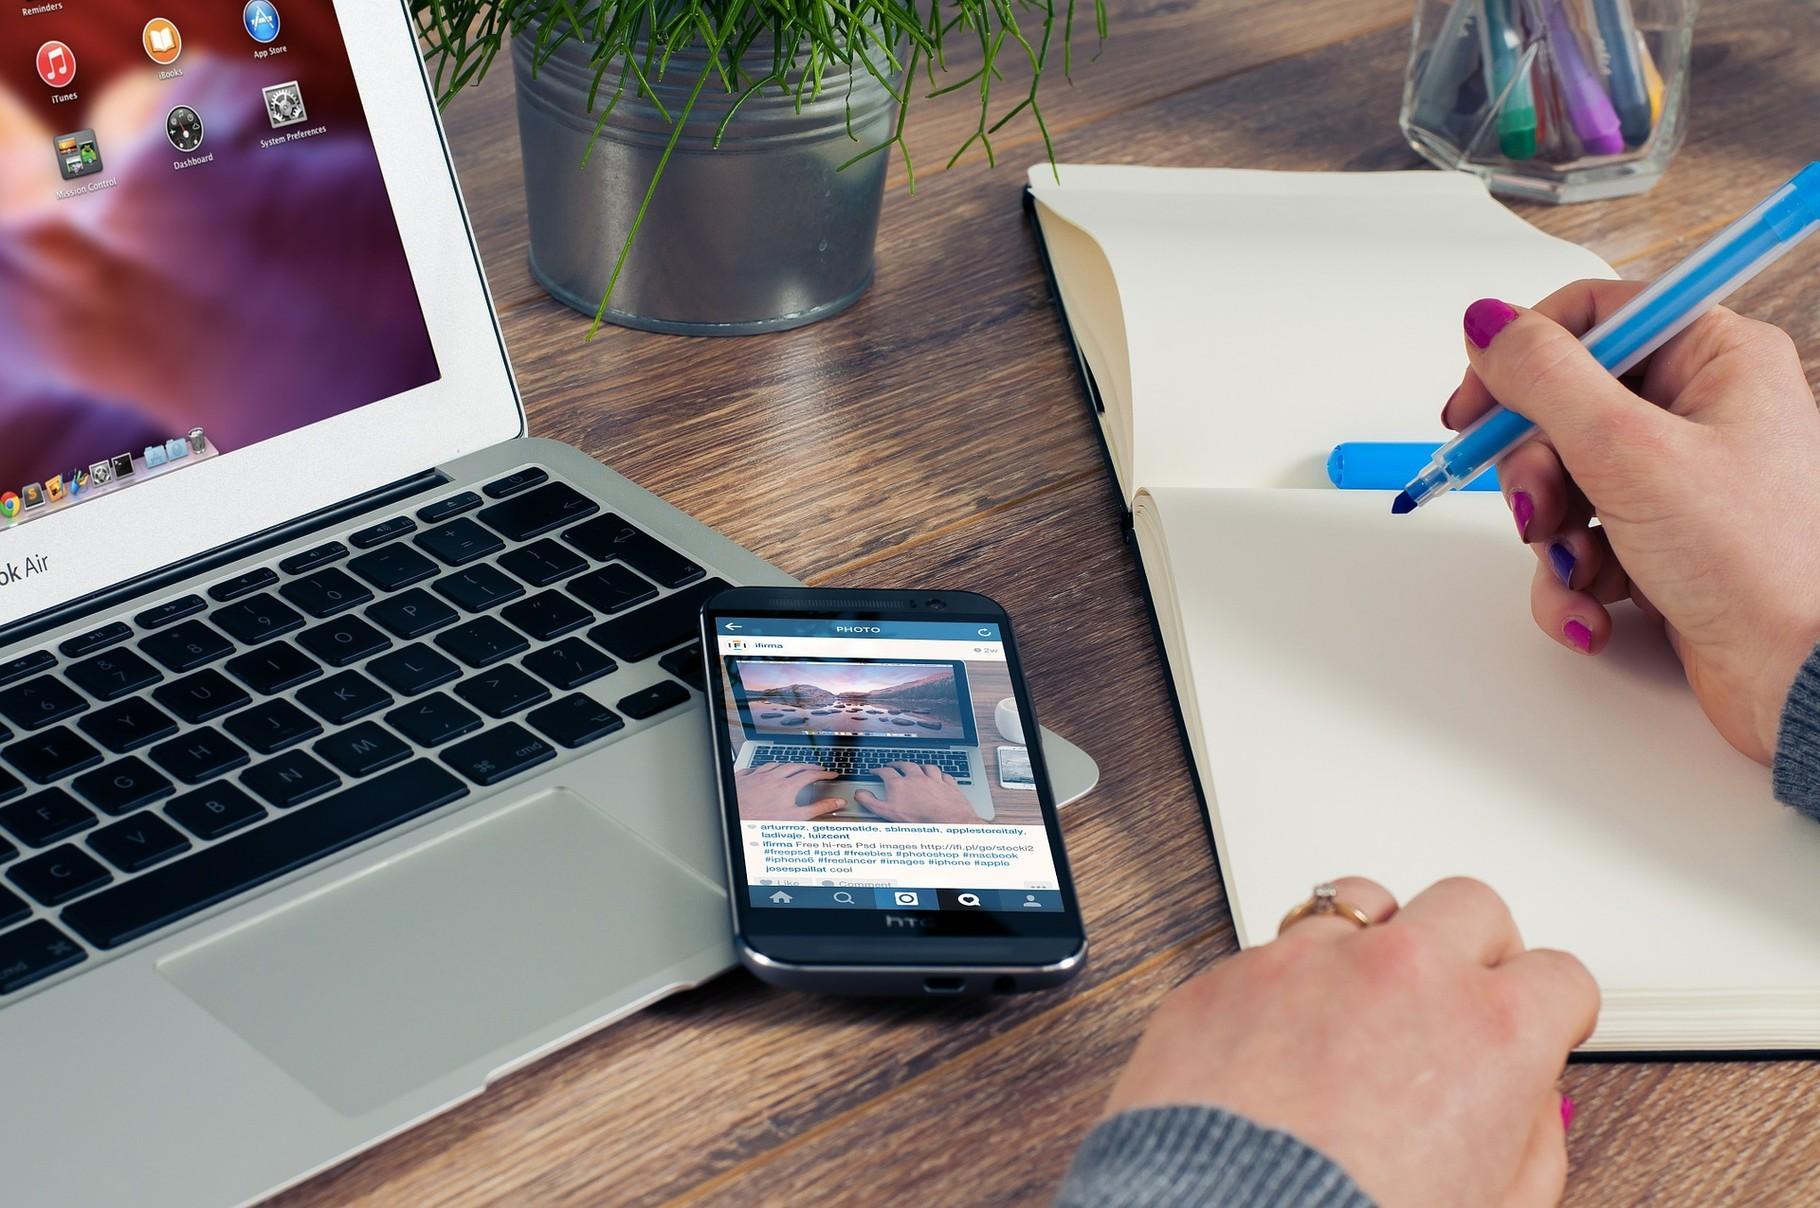 6. Mache immer nur ein Sache auf einmal. Multitasking hört sich zwar gut an funktioniert aber nicht. Arbeite nur an der Aufgabe die gerade jetzt vor dir liegt und an nichts anderem. Hierbei hilft die Comodoro-Technik (klicke auf das Bild für mehr Infos)